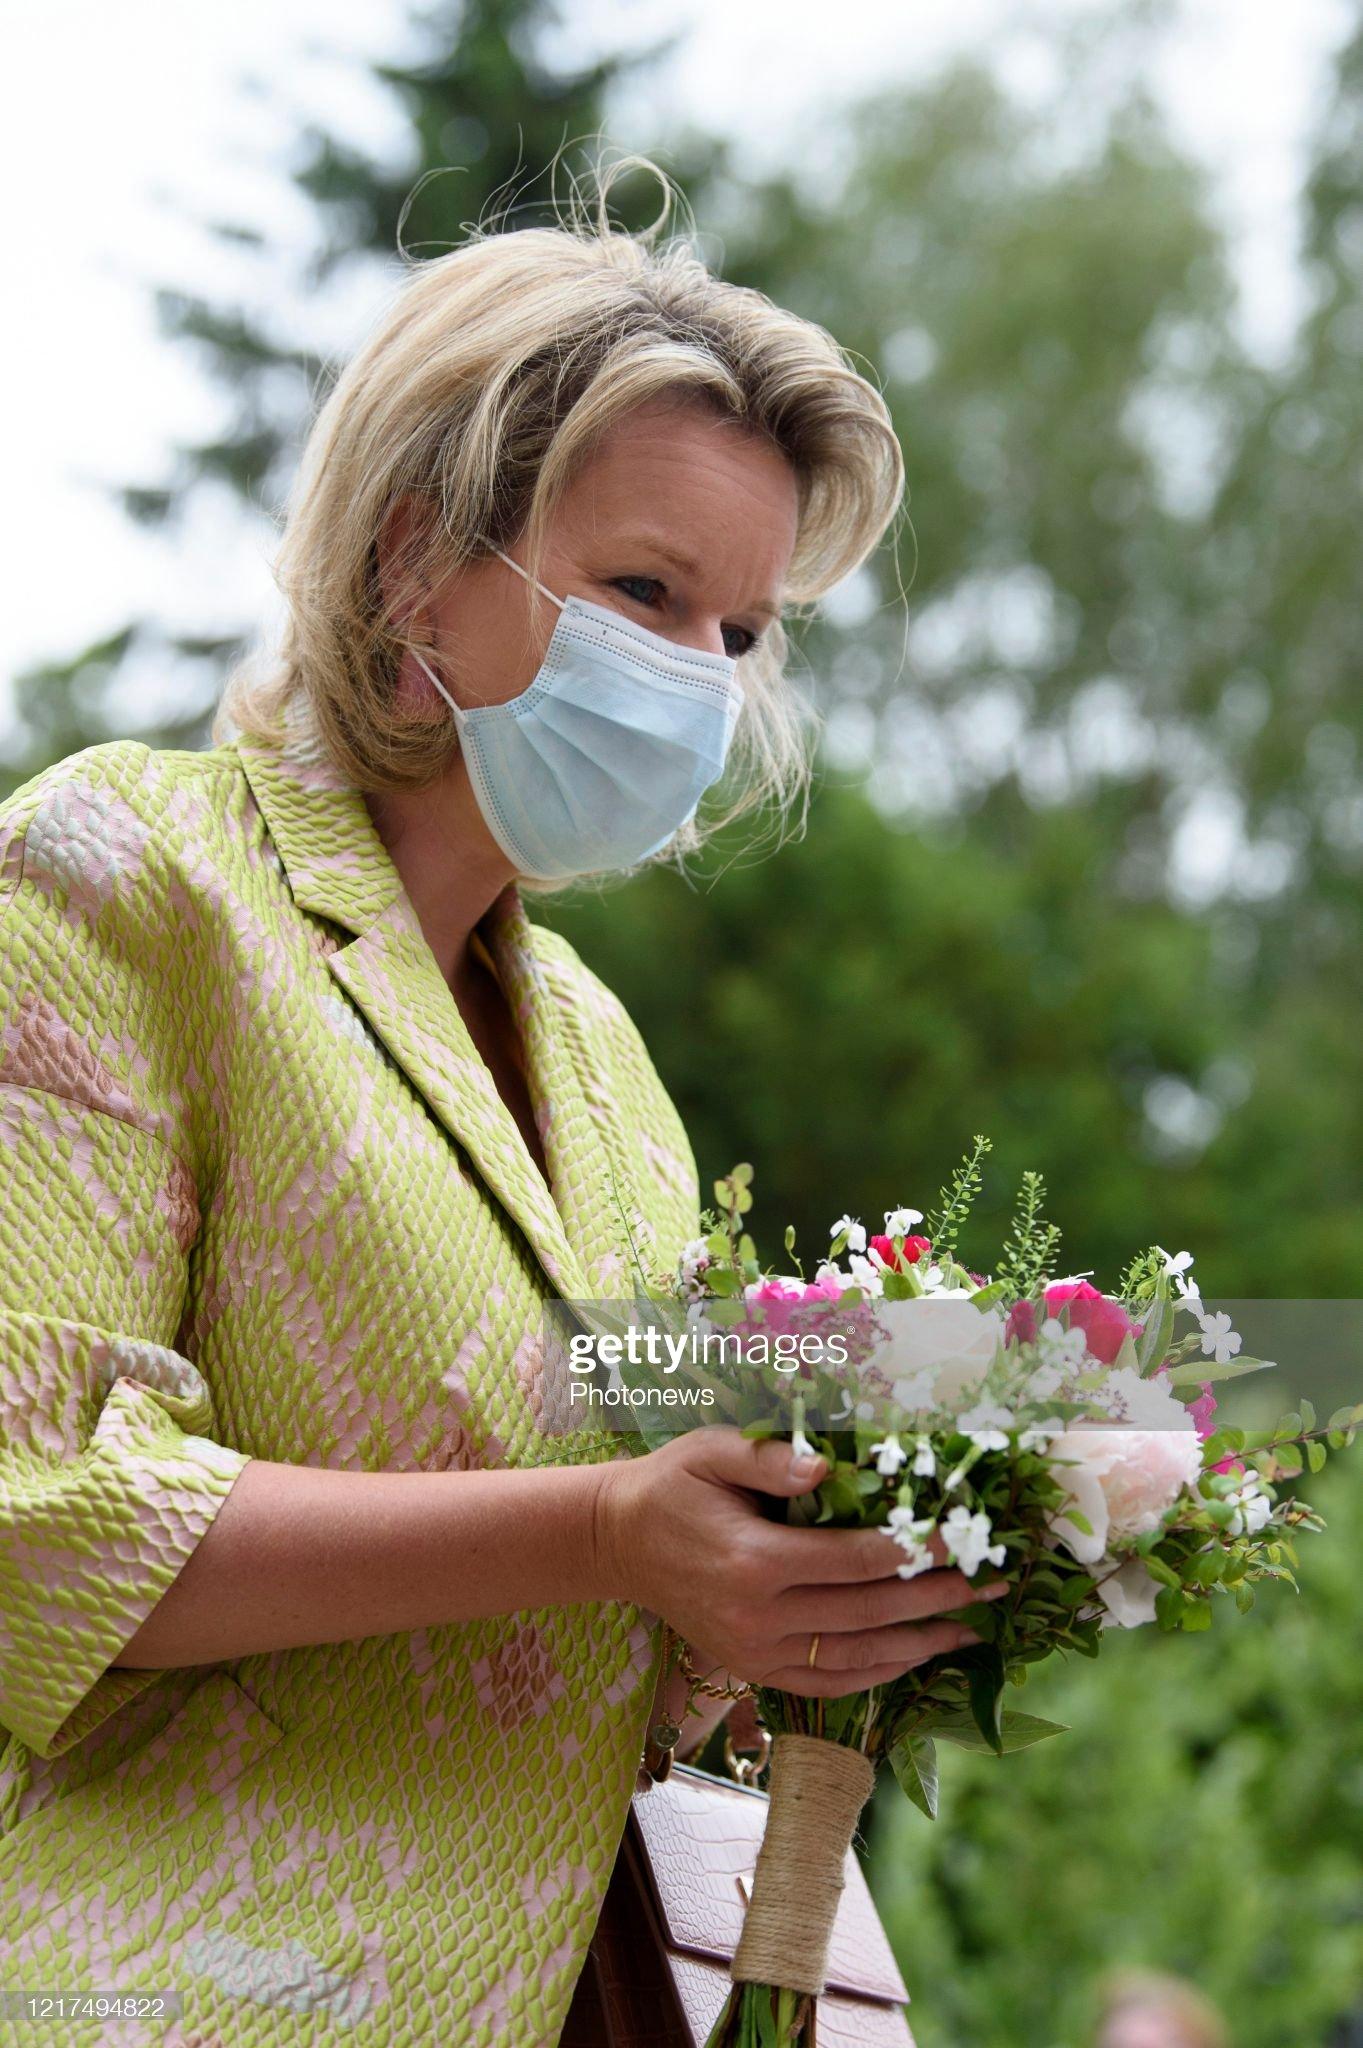 https://media.gettyimages.com/photos/mathilde-queen-of-belgium-visits-la-bane-on-june-04-2020-in-belgium-picture-id1217494822?s=2048x2048